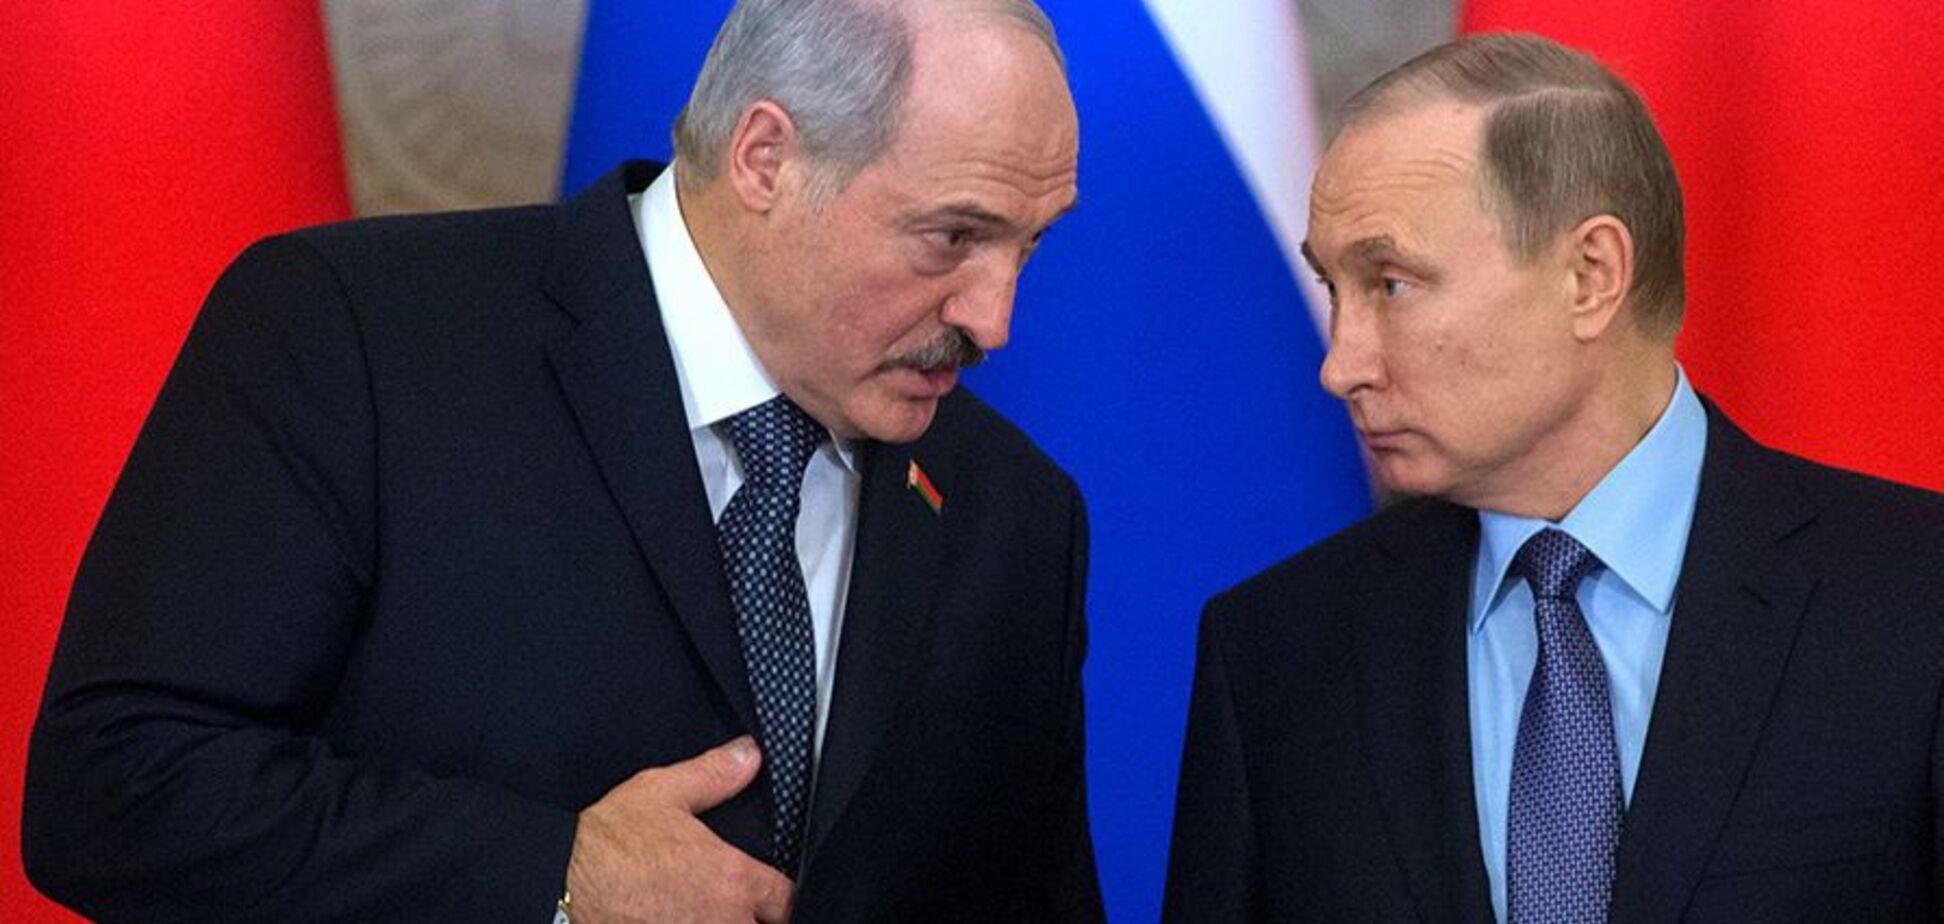 'Мы не федеральный округ!' Между Беларусью и Россией вспыхнул дипломатический скандал